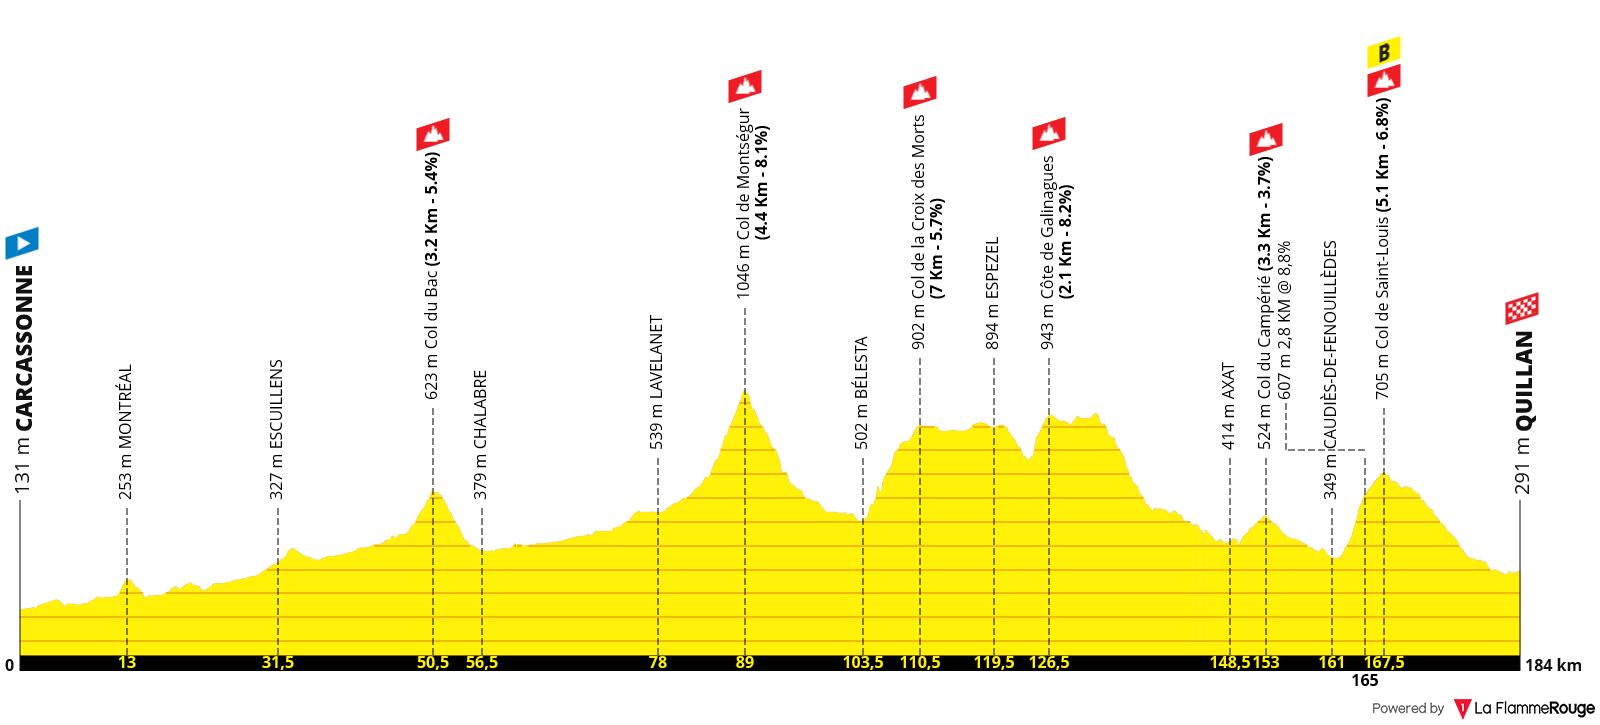 Etapa 14 - Tour de Francia 2021